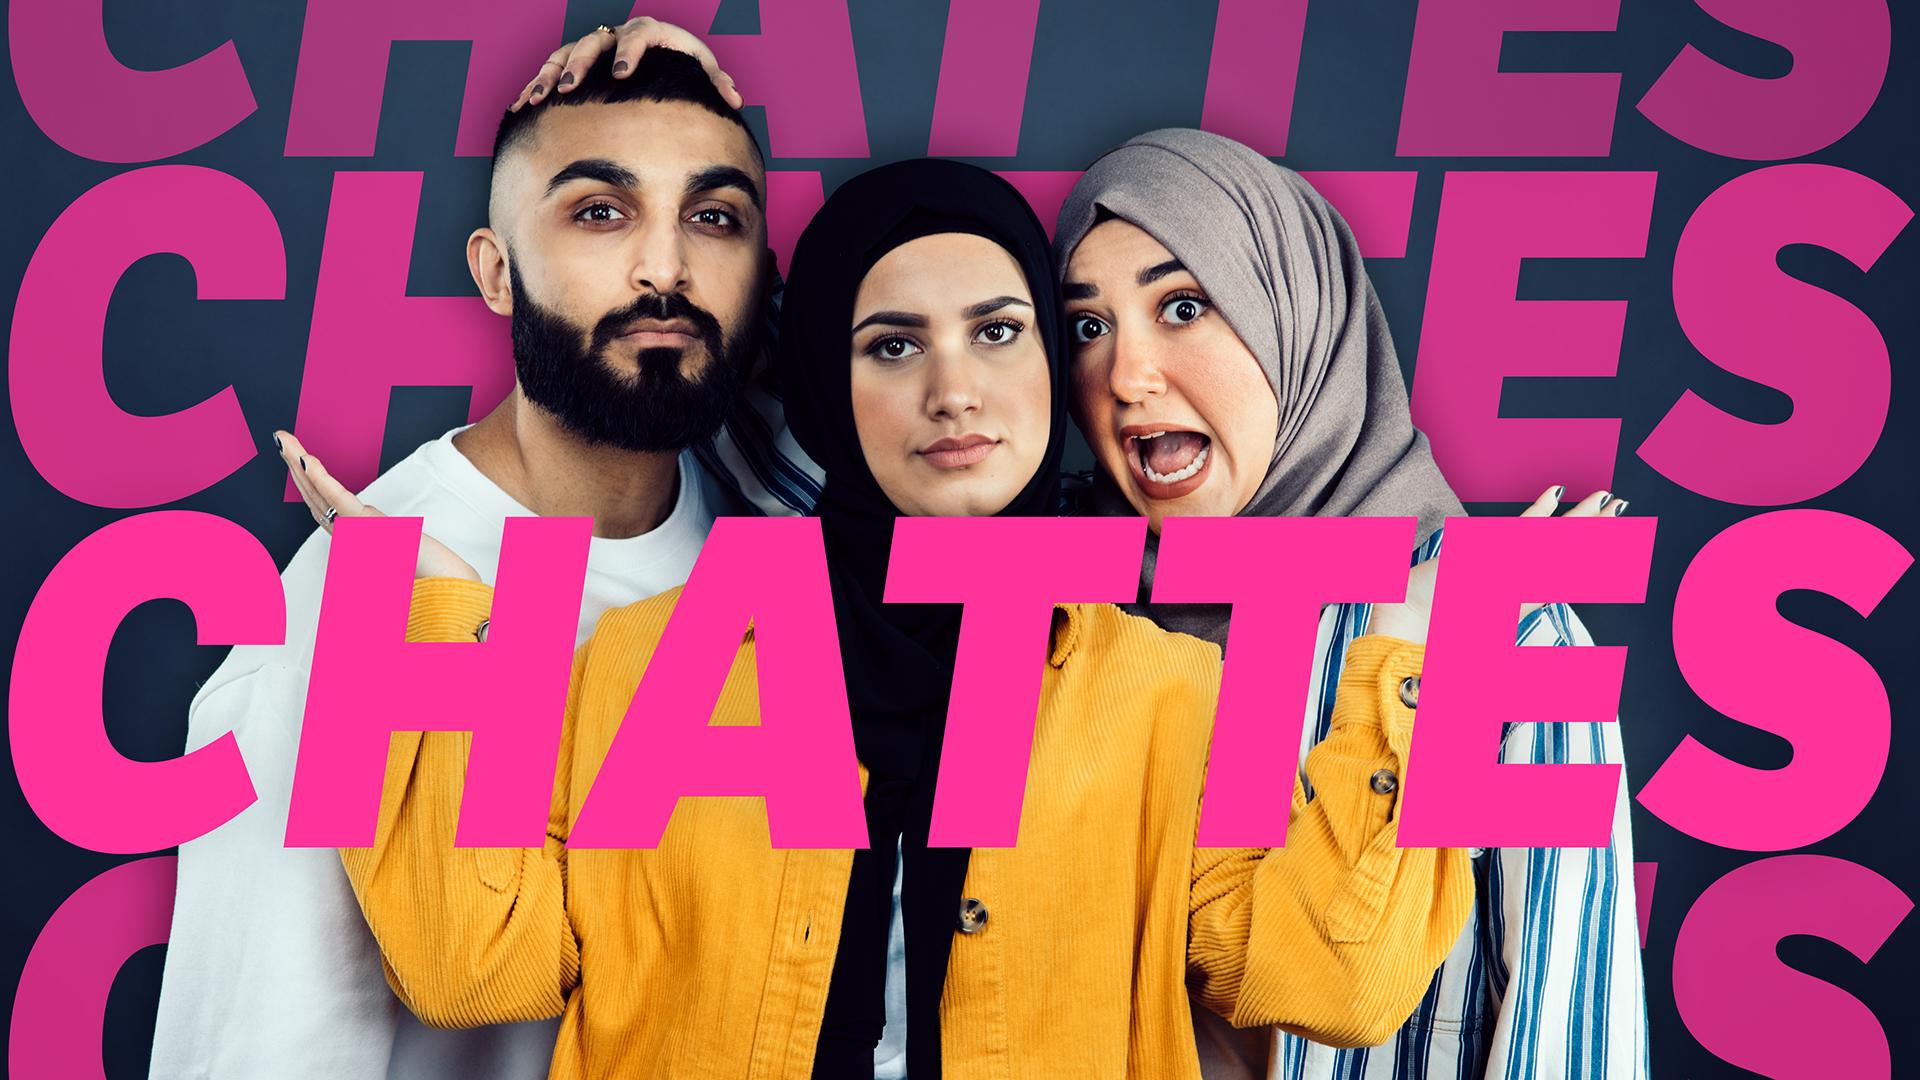 TREKLØVER: Chattes-programlederne Tariq Arshad, Faten Mahdi Al-Hussai og Hoda Abo Joaila. Foto: Kim Erlandsen, NRK P3